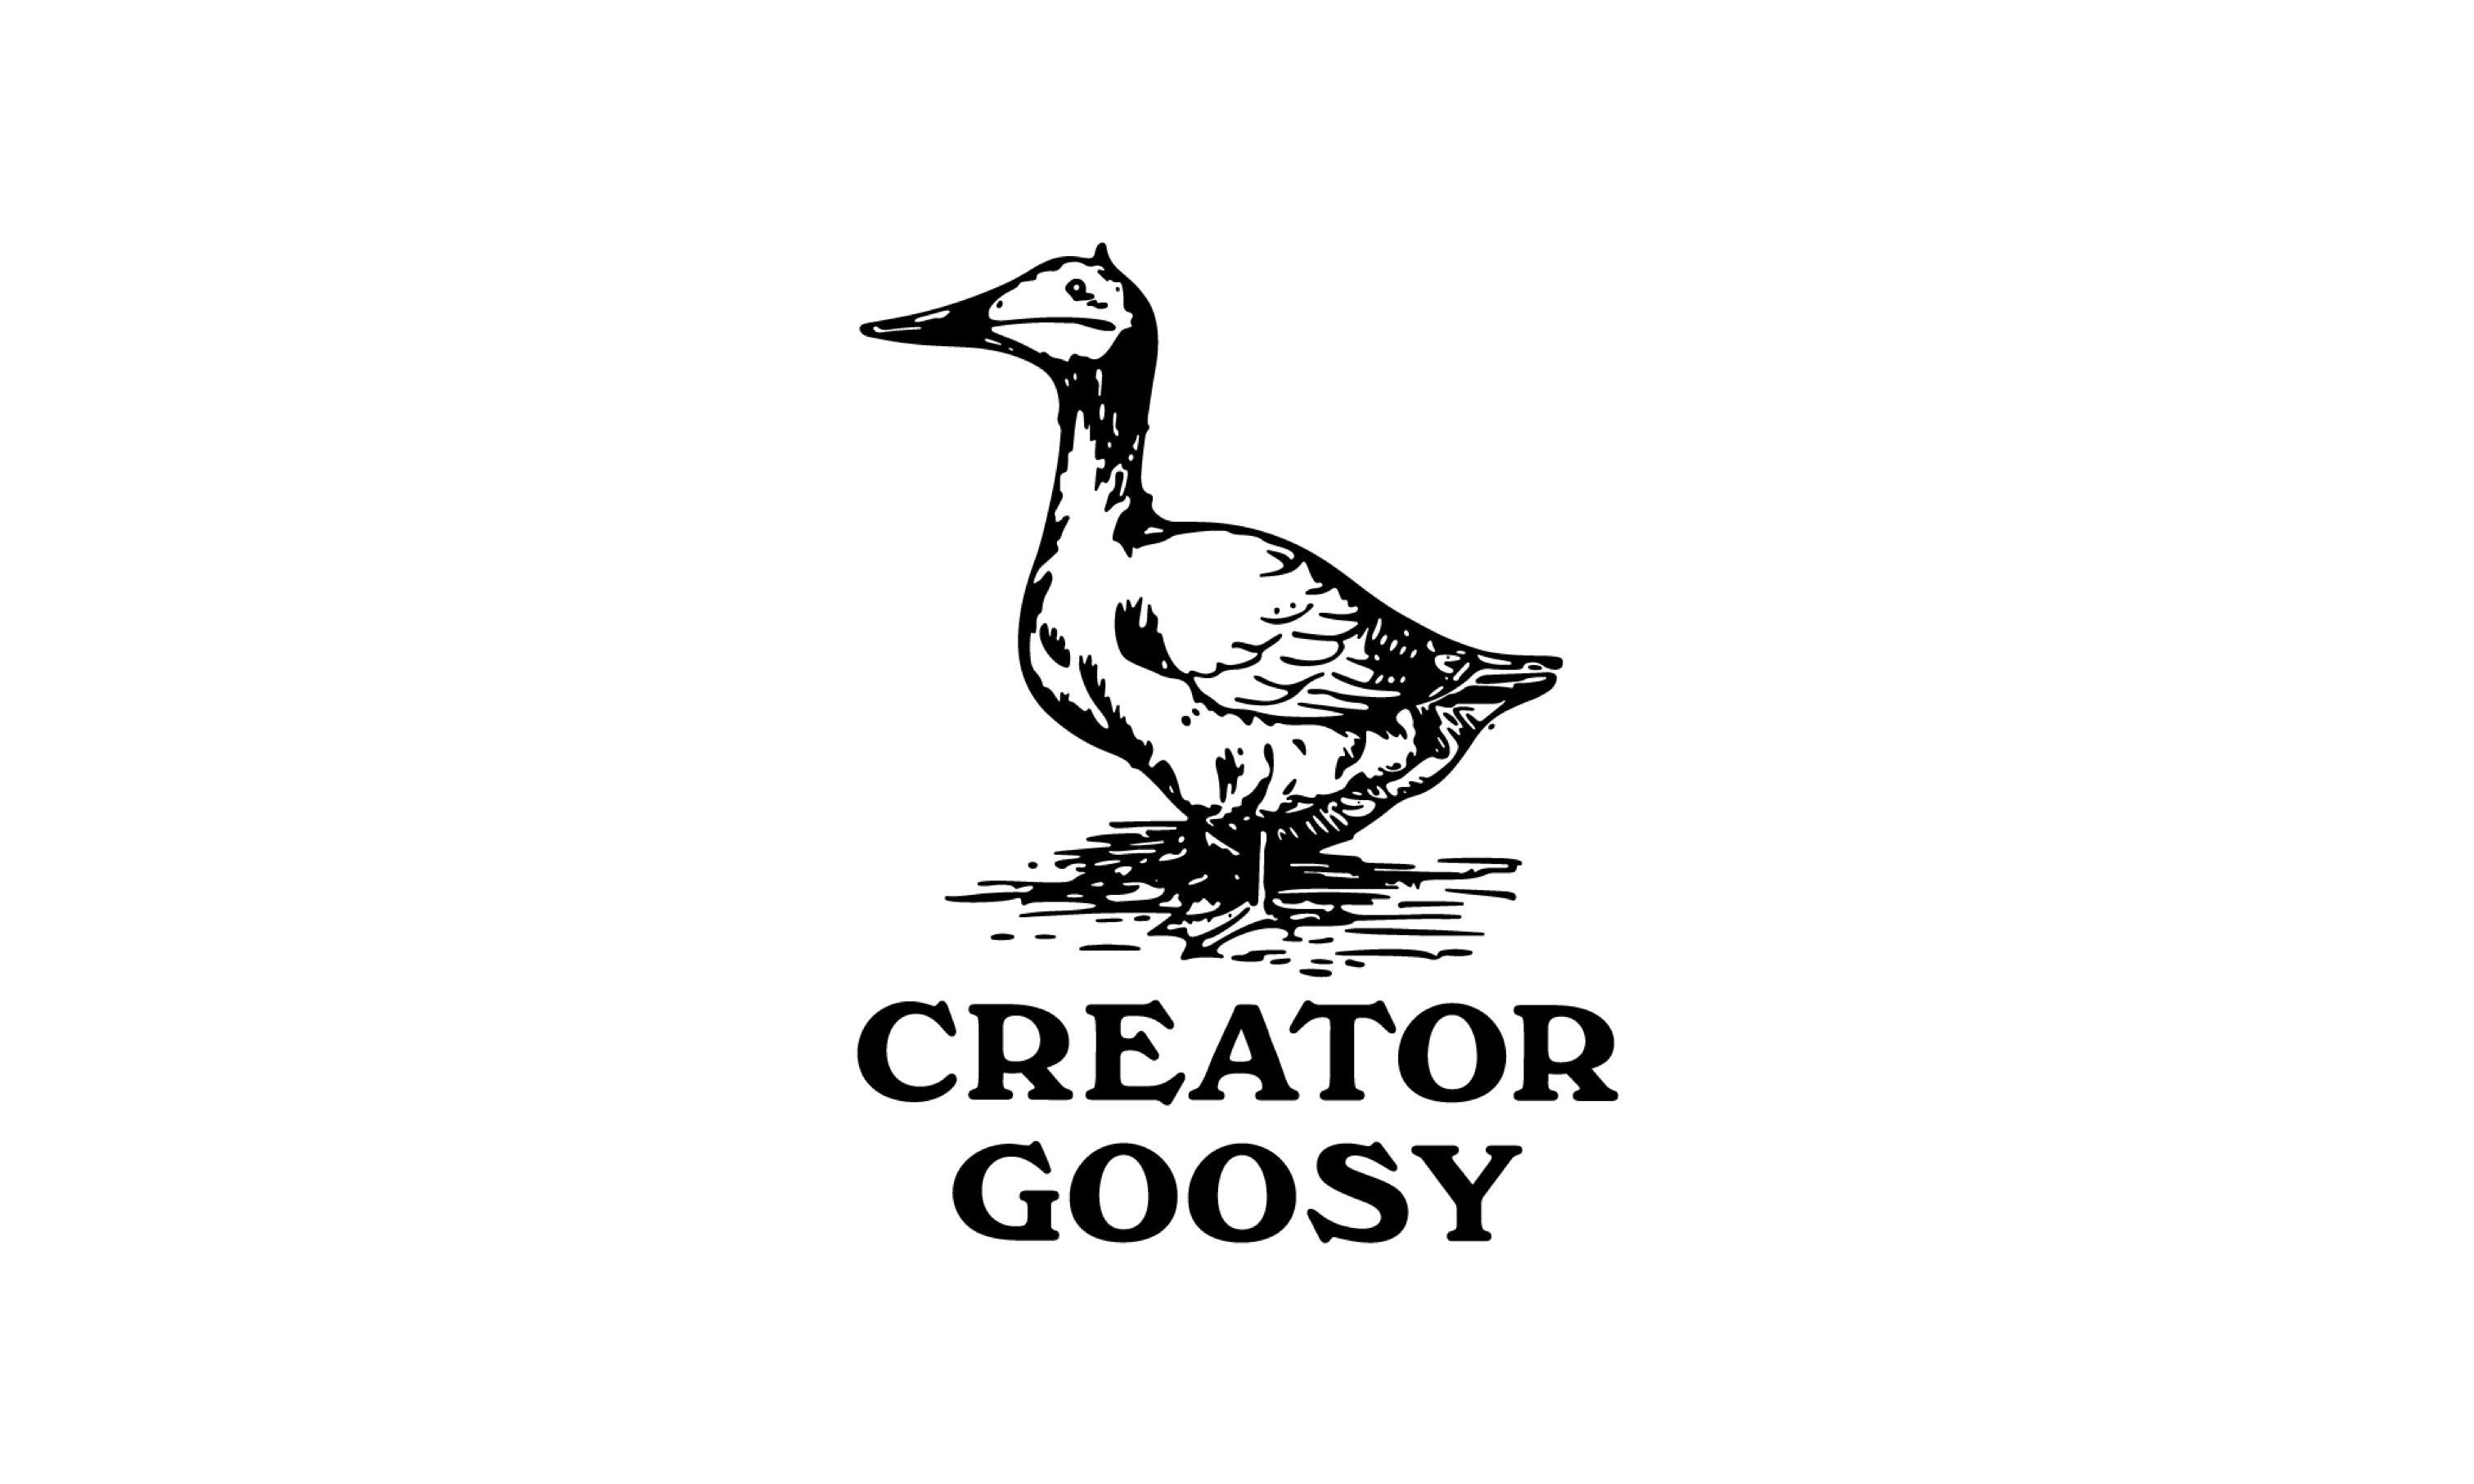 インディーゲームスタジオ CREATOR GOOSY始動